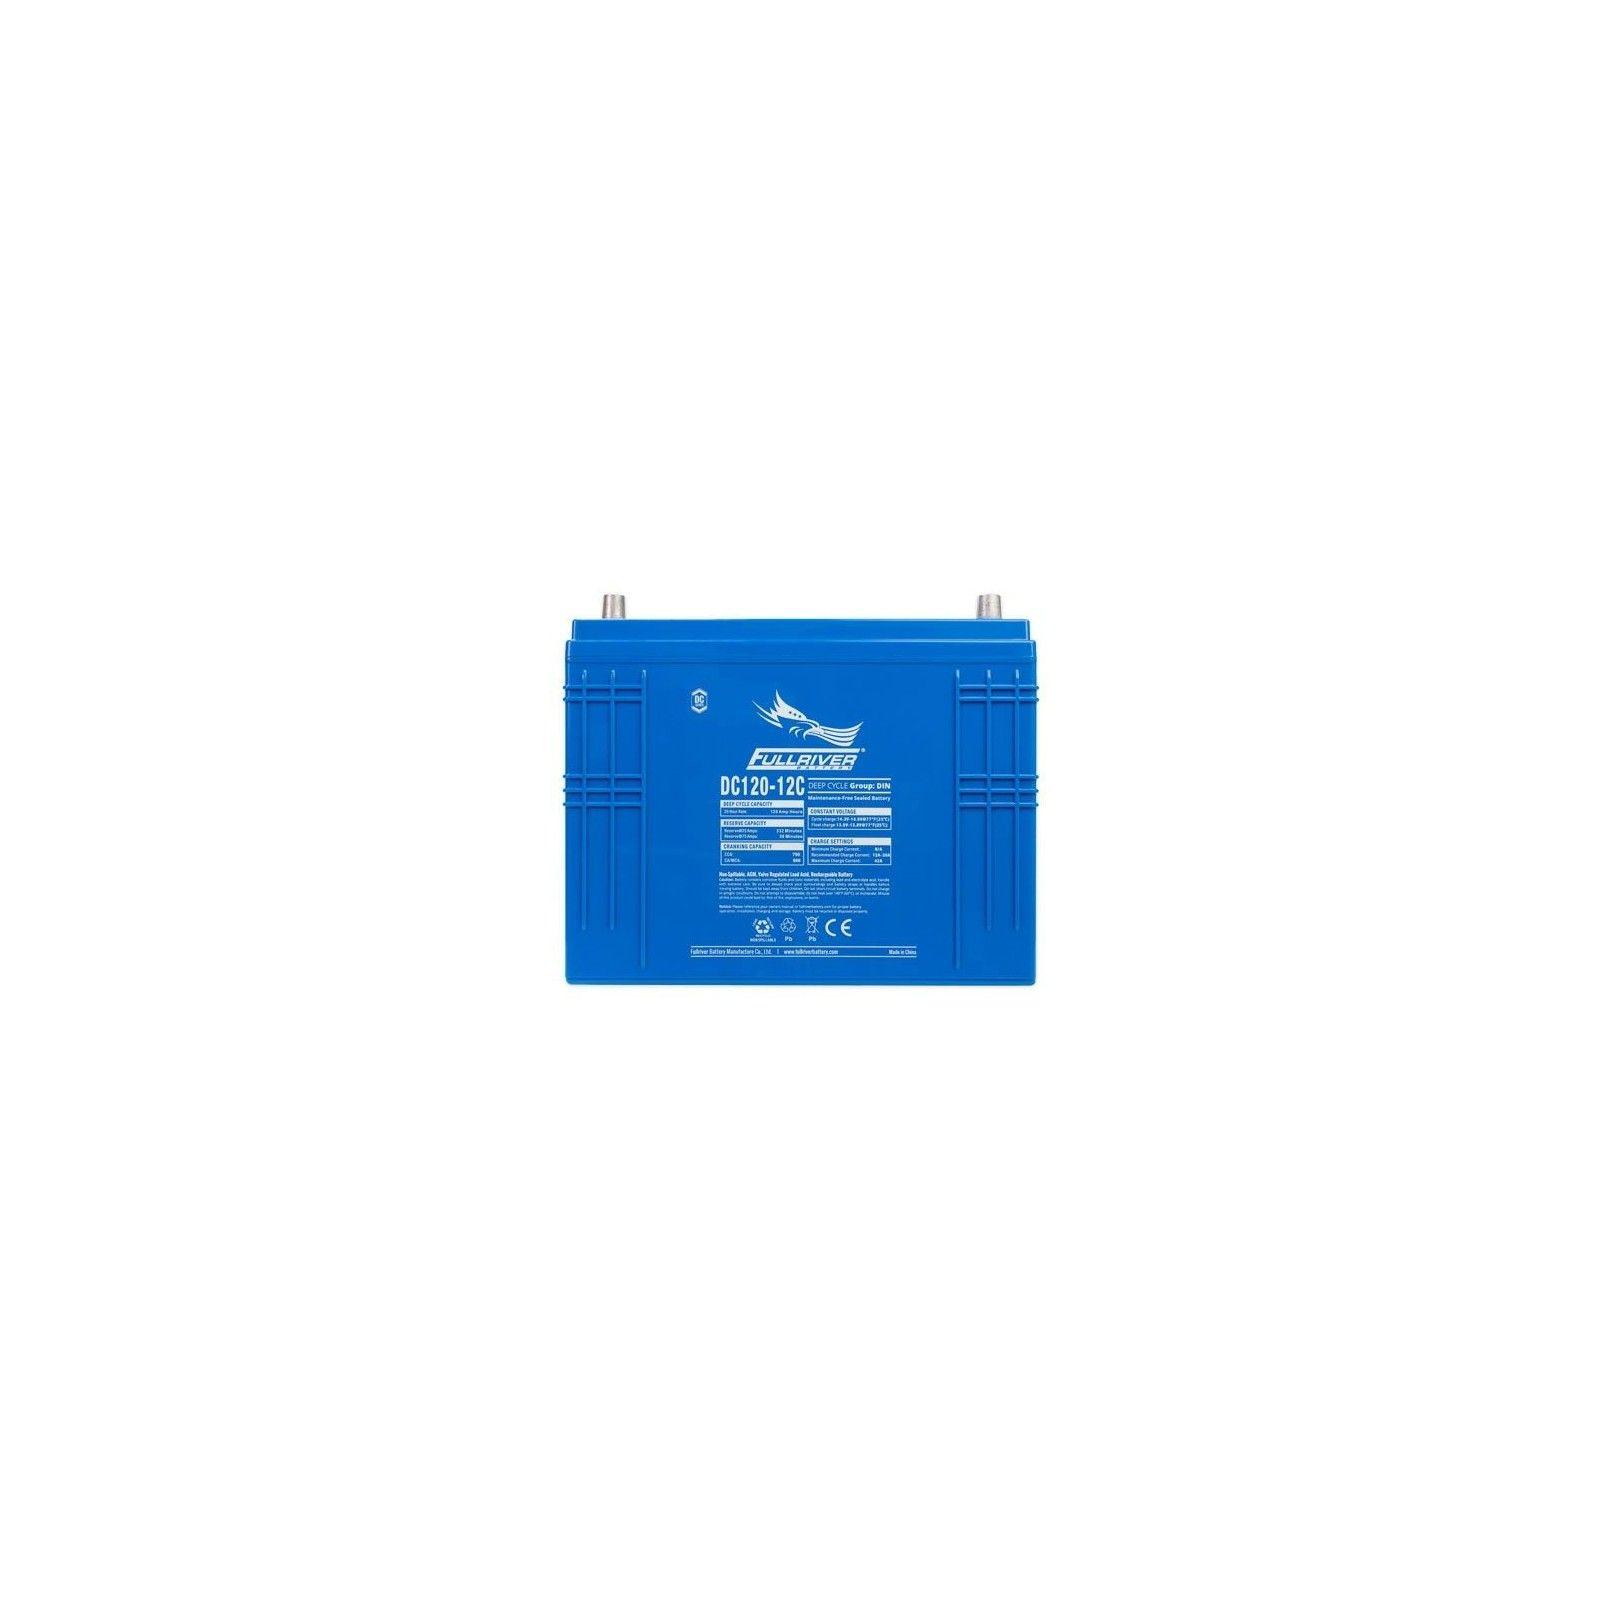 Batería Fullriver DC120-12C 120Ah 750A 12V Dc FULLRIVER - 1